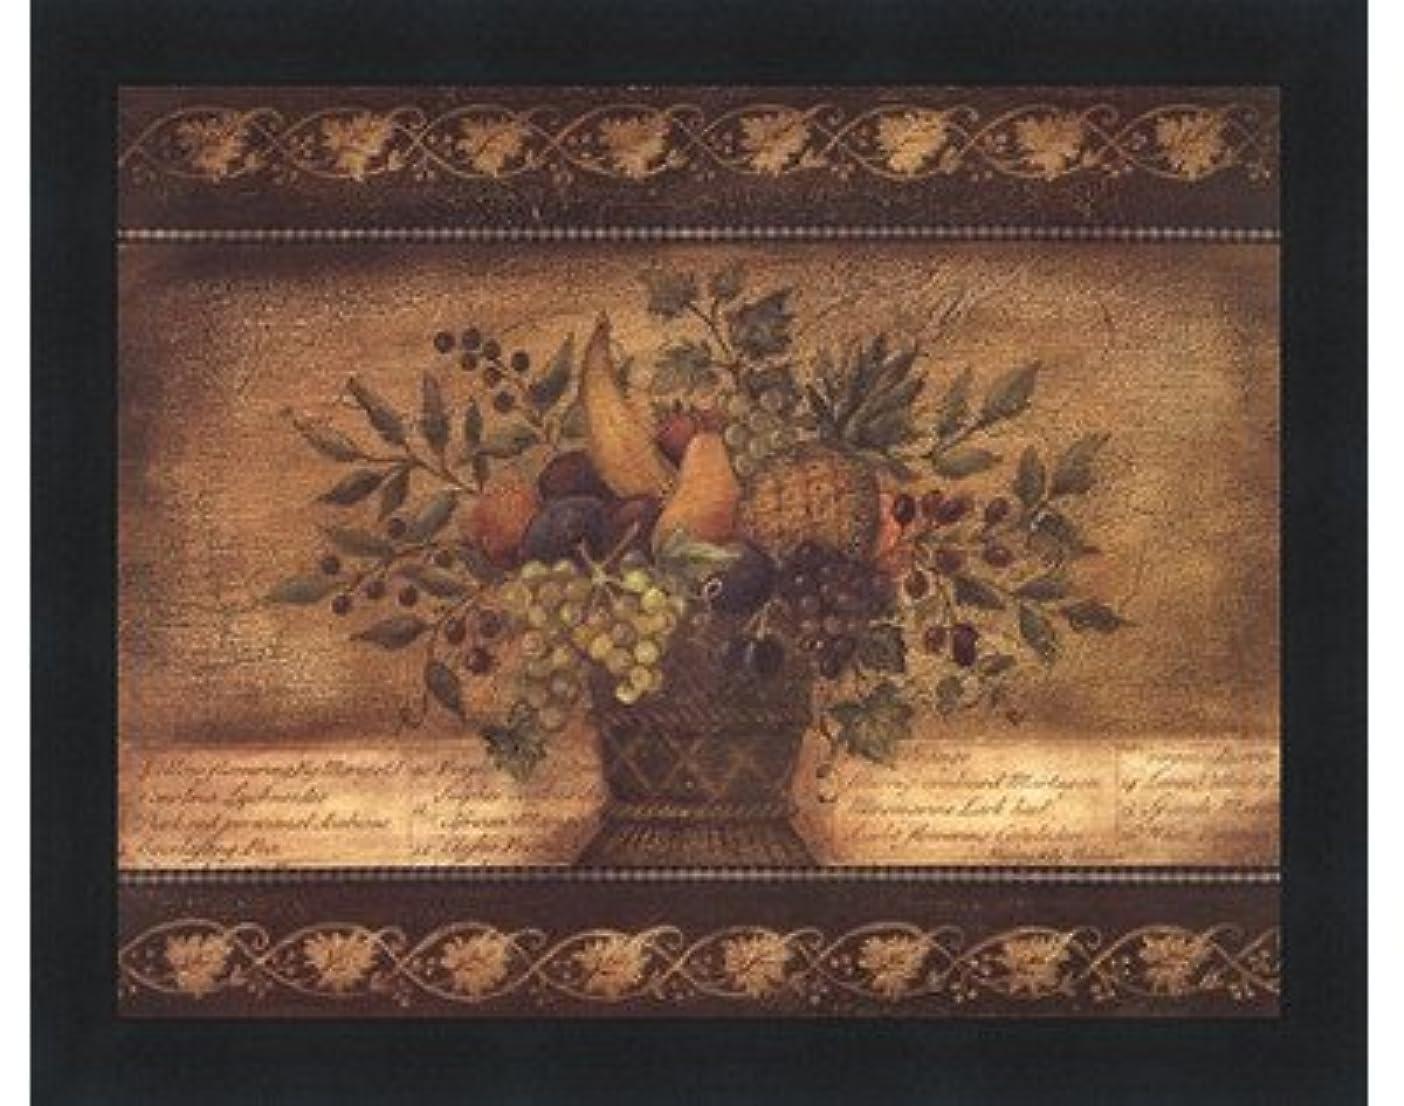 遠い本部じゃがいもOld World Abundance I by Kimberly Poloson – 10 x 8インチ – アートプリントポスター LE_112347-F101-10x8